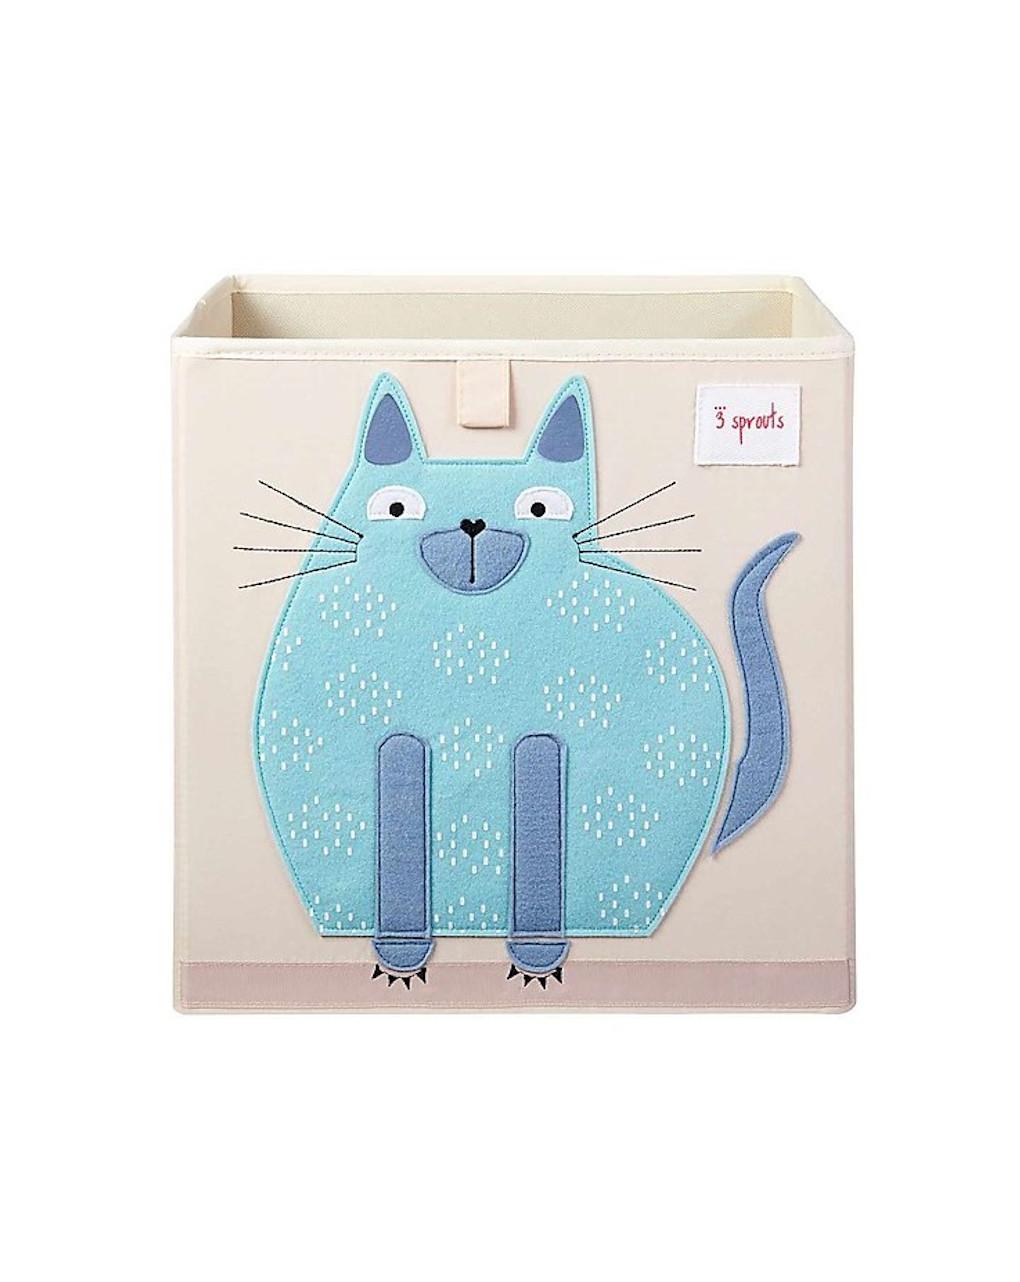 Contenitore portaoggetti gatto blu - 3 sprouts